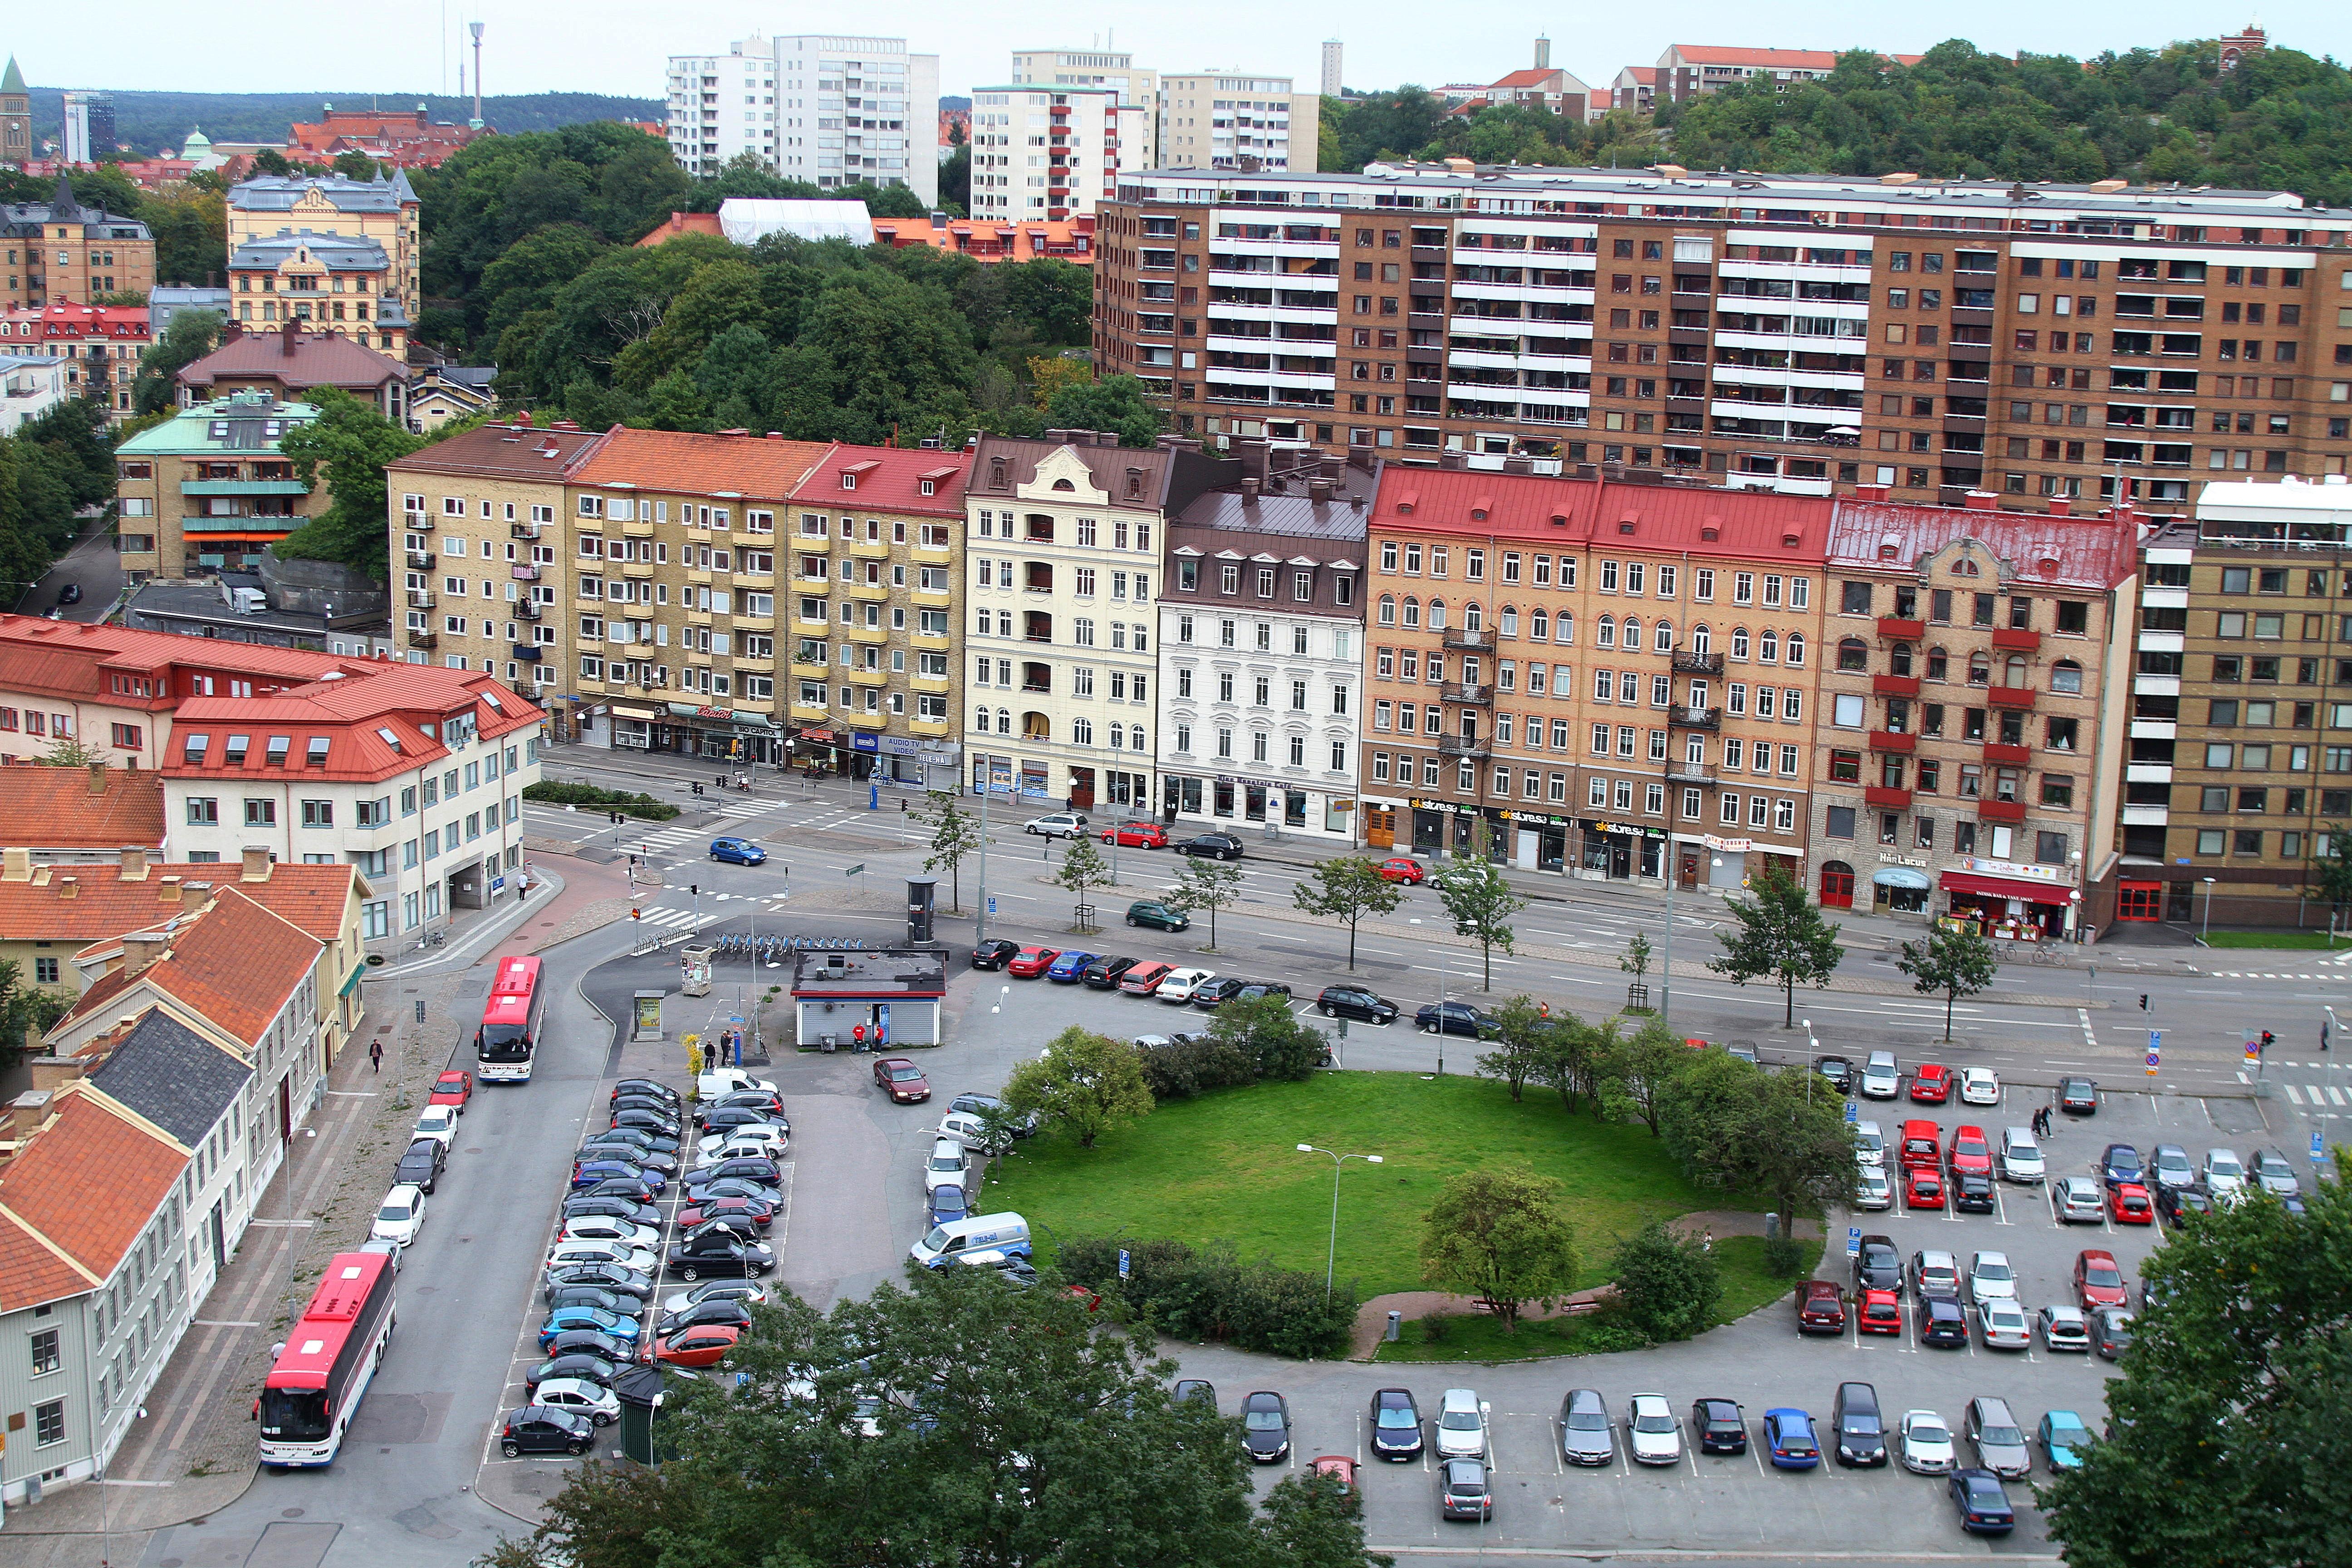 sociala media datum knädans i Göteborg